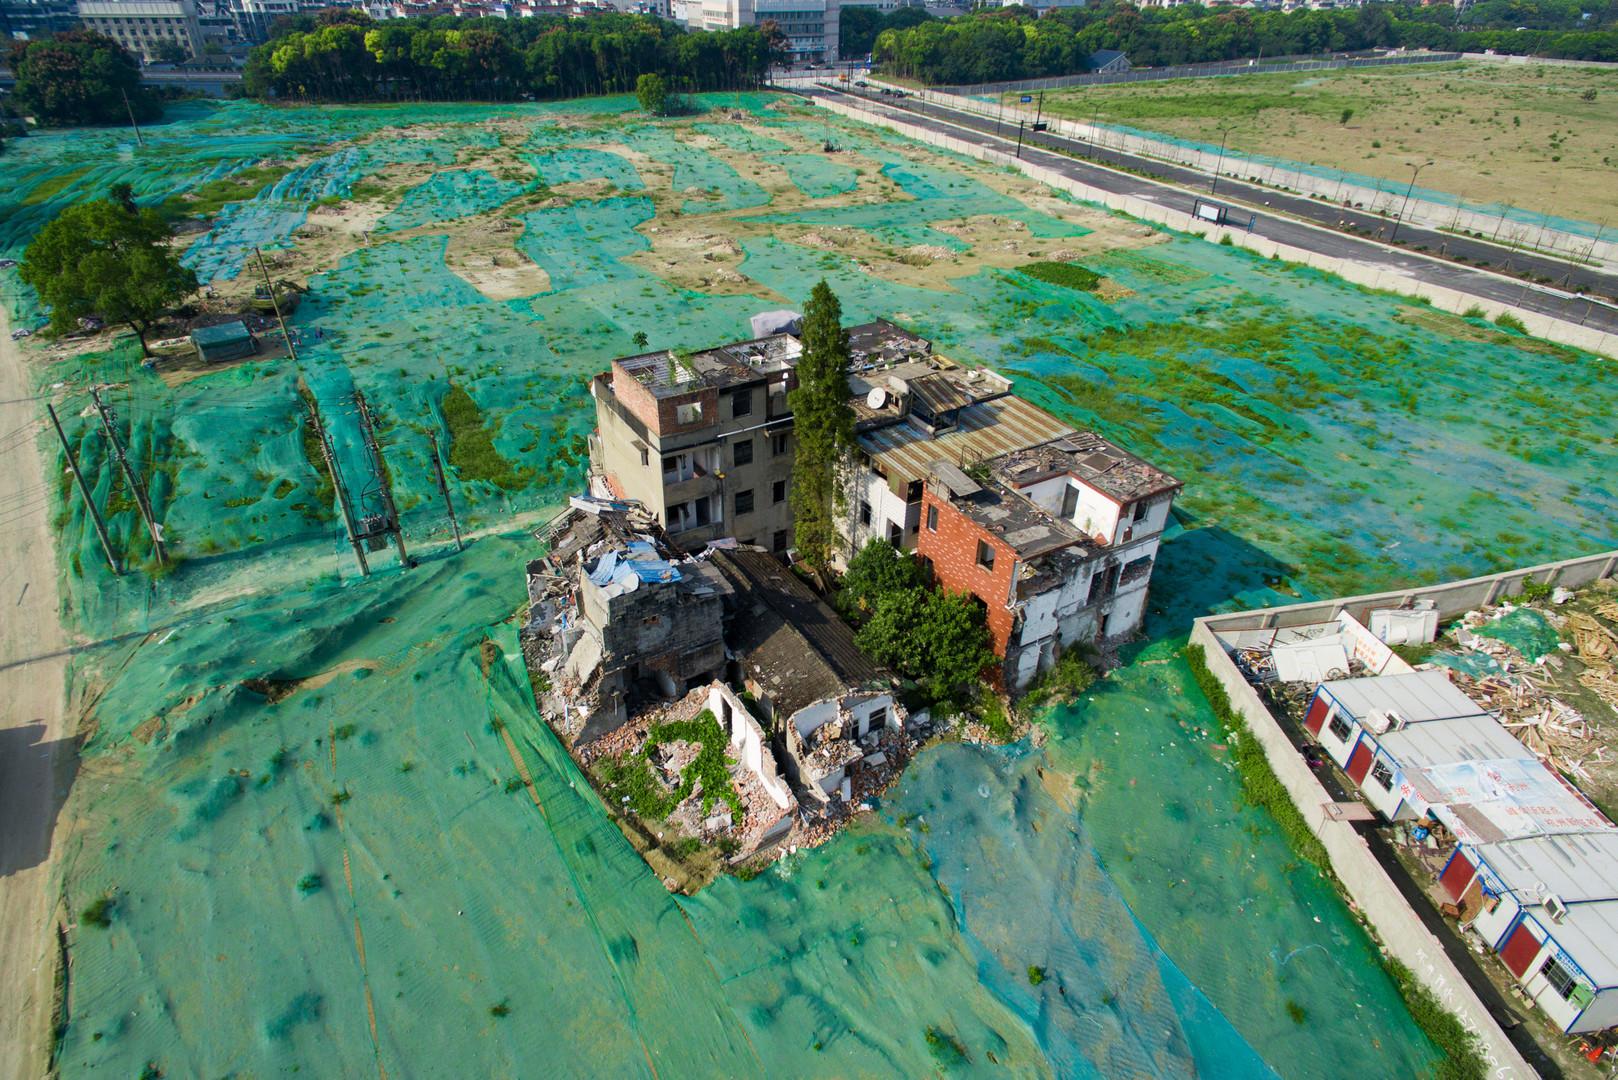 Последствия разрушительного тайфуна «Меги» в провинции Чжэцзян на юго-востоке Китая.